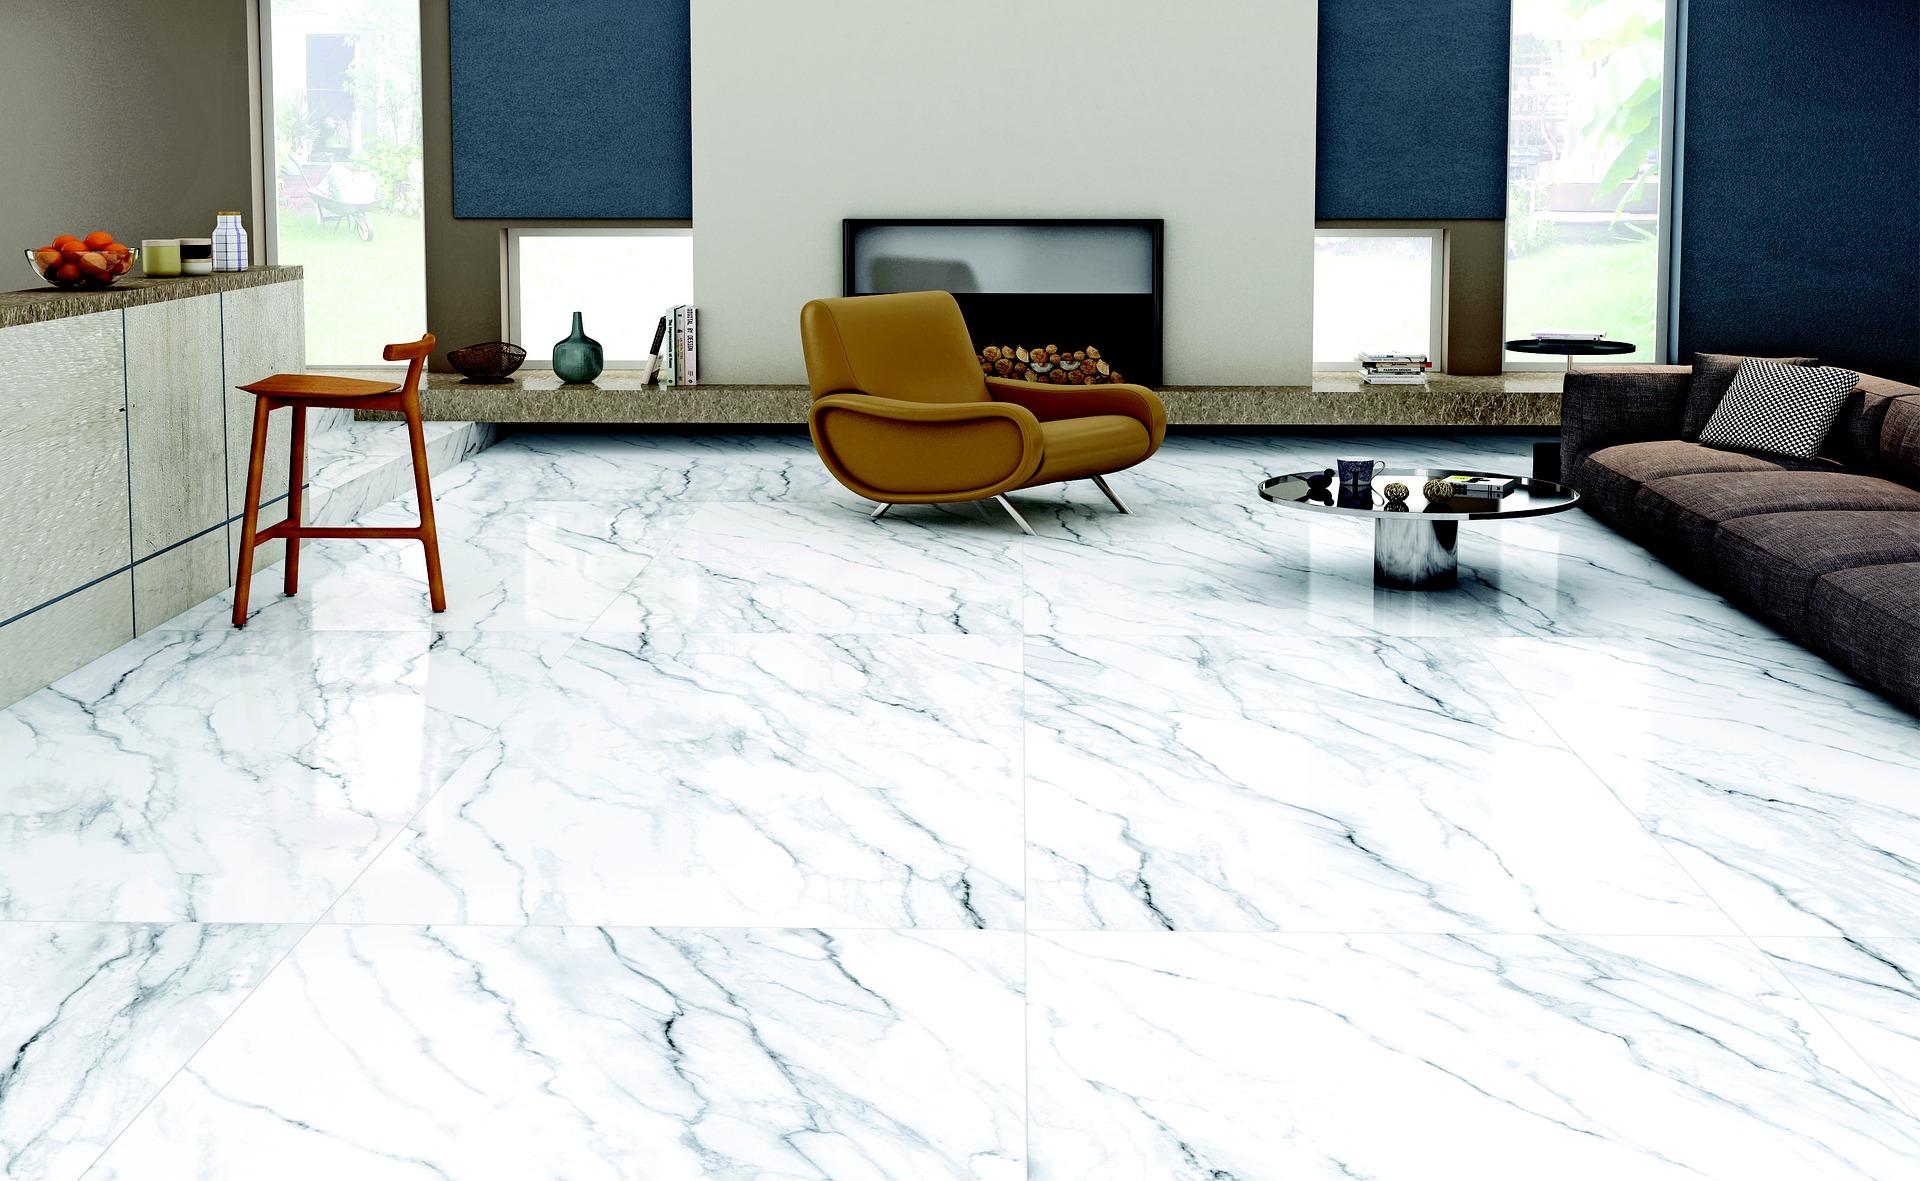 15 Perbedaan Granit dan Keramik untuk Lantai Rumah